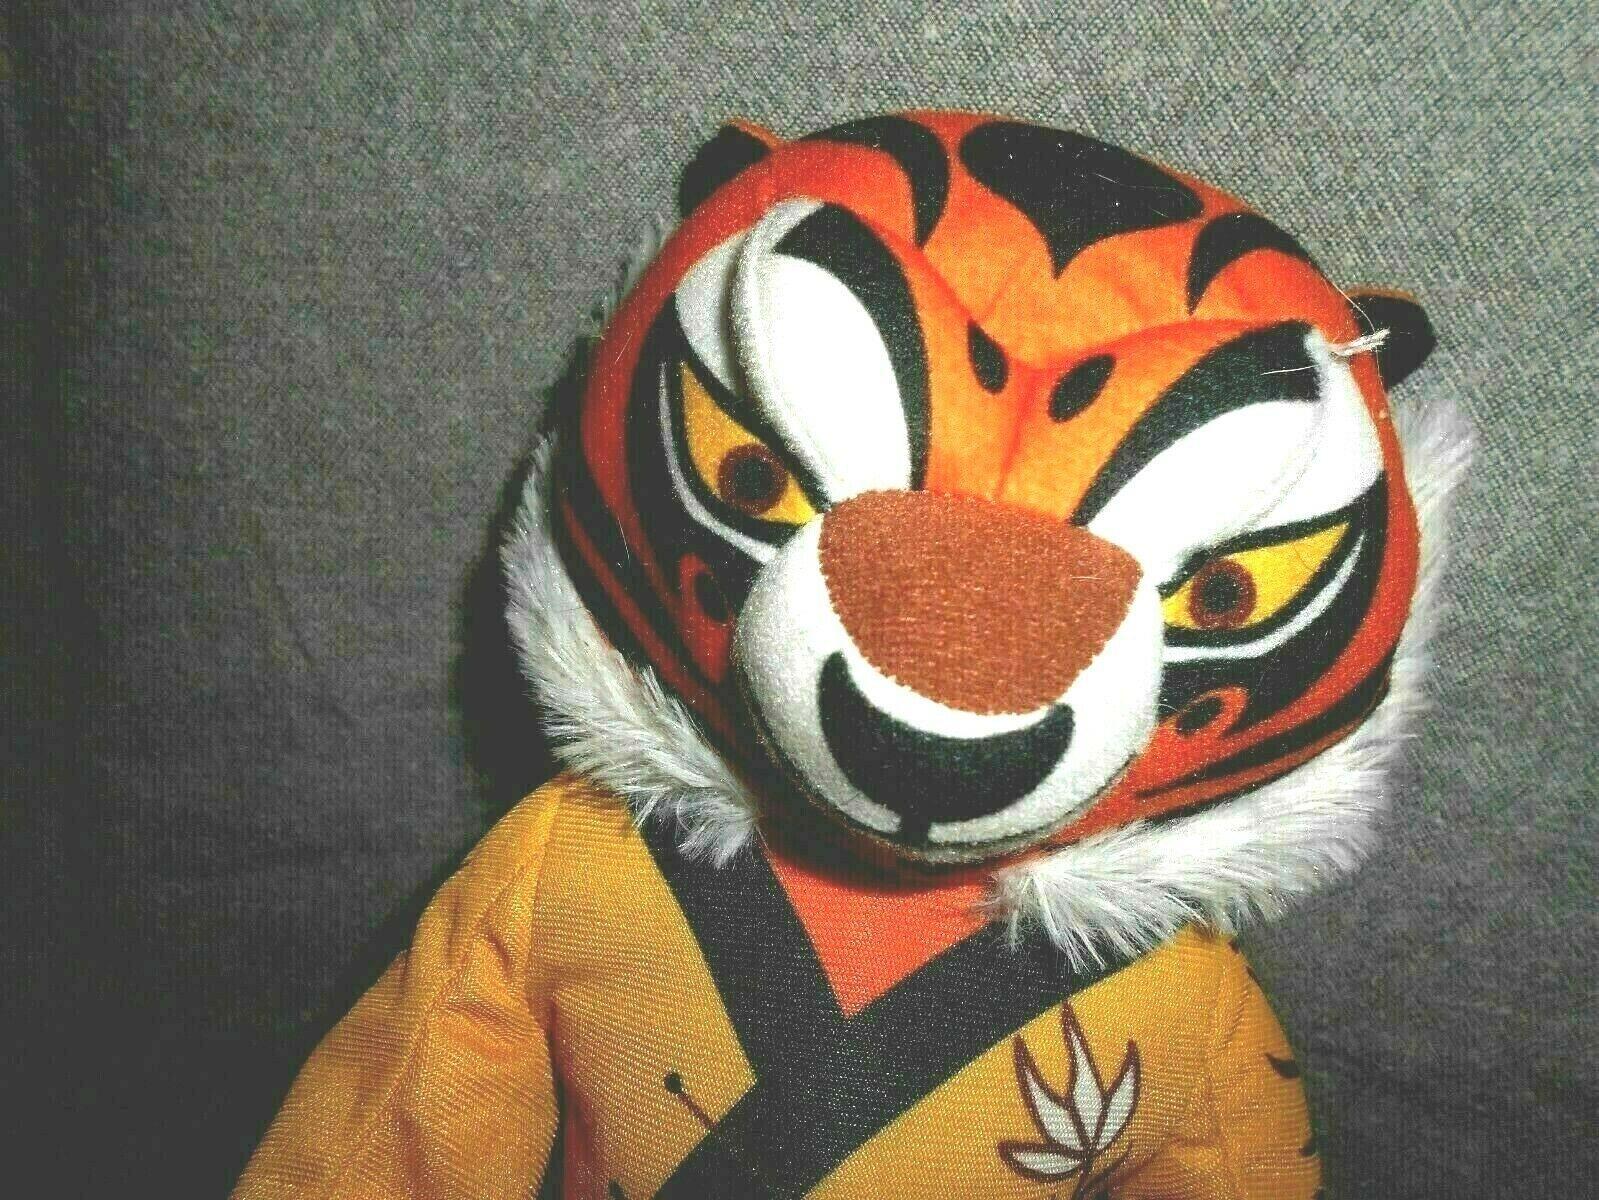 KUNG FU PANDA 3 MASTER TIGRESS STUFFED / PLUSH TOY